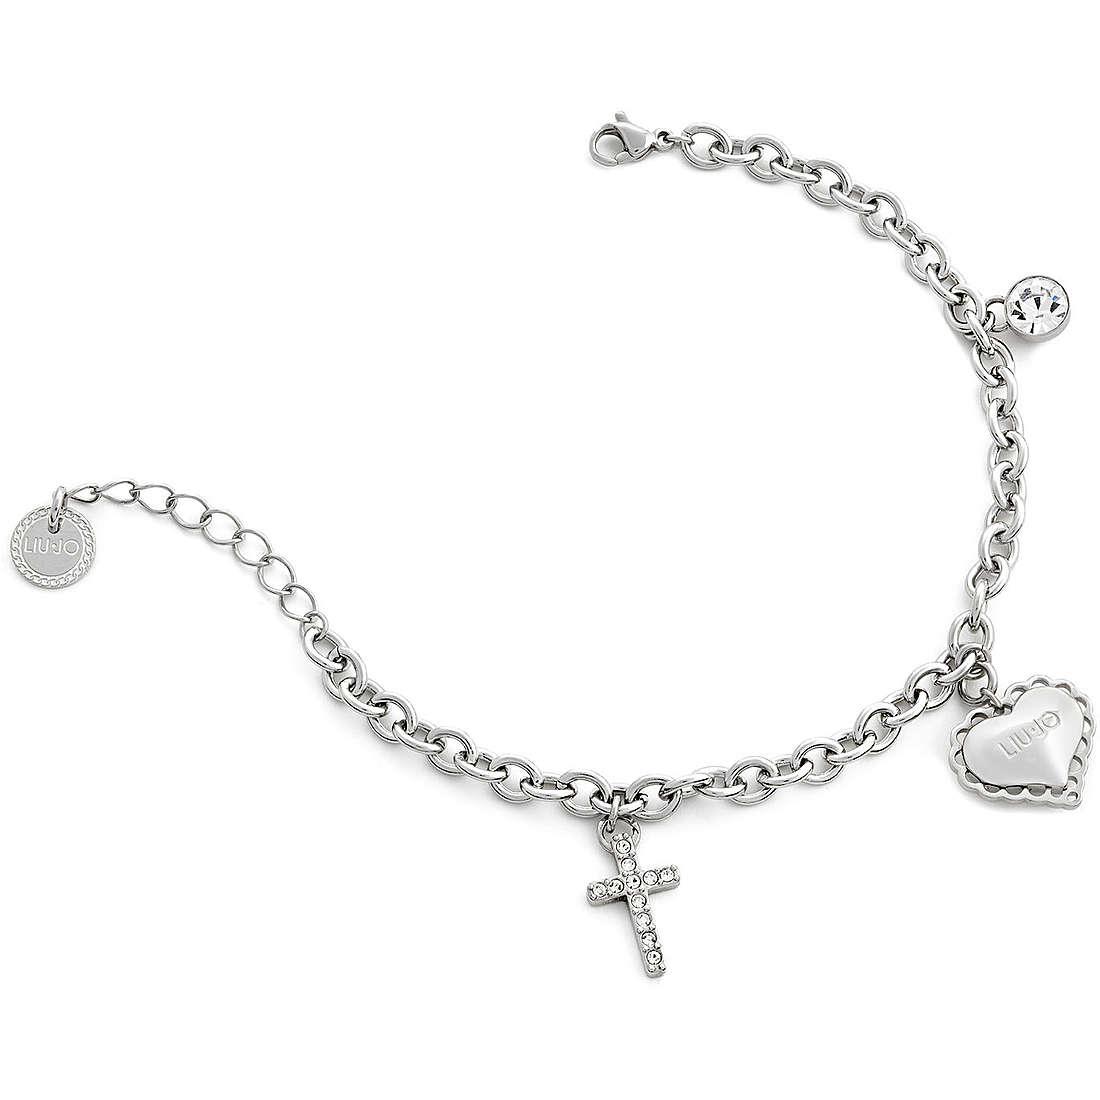 verre-gioielli-bracciale-donna-gioielli-liujo-sacred-passion-san-valentino-lj1449